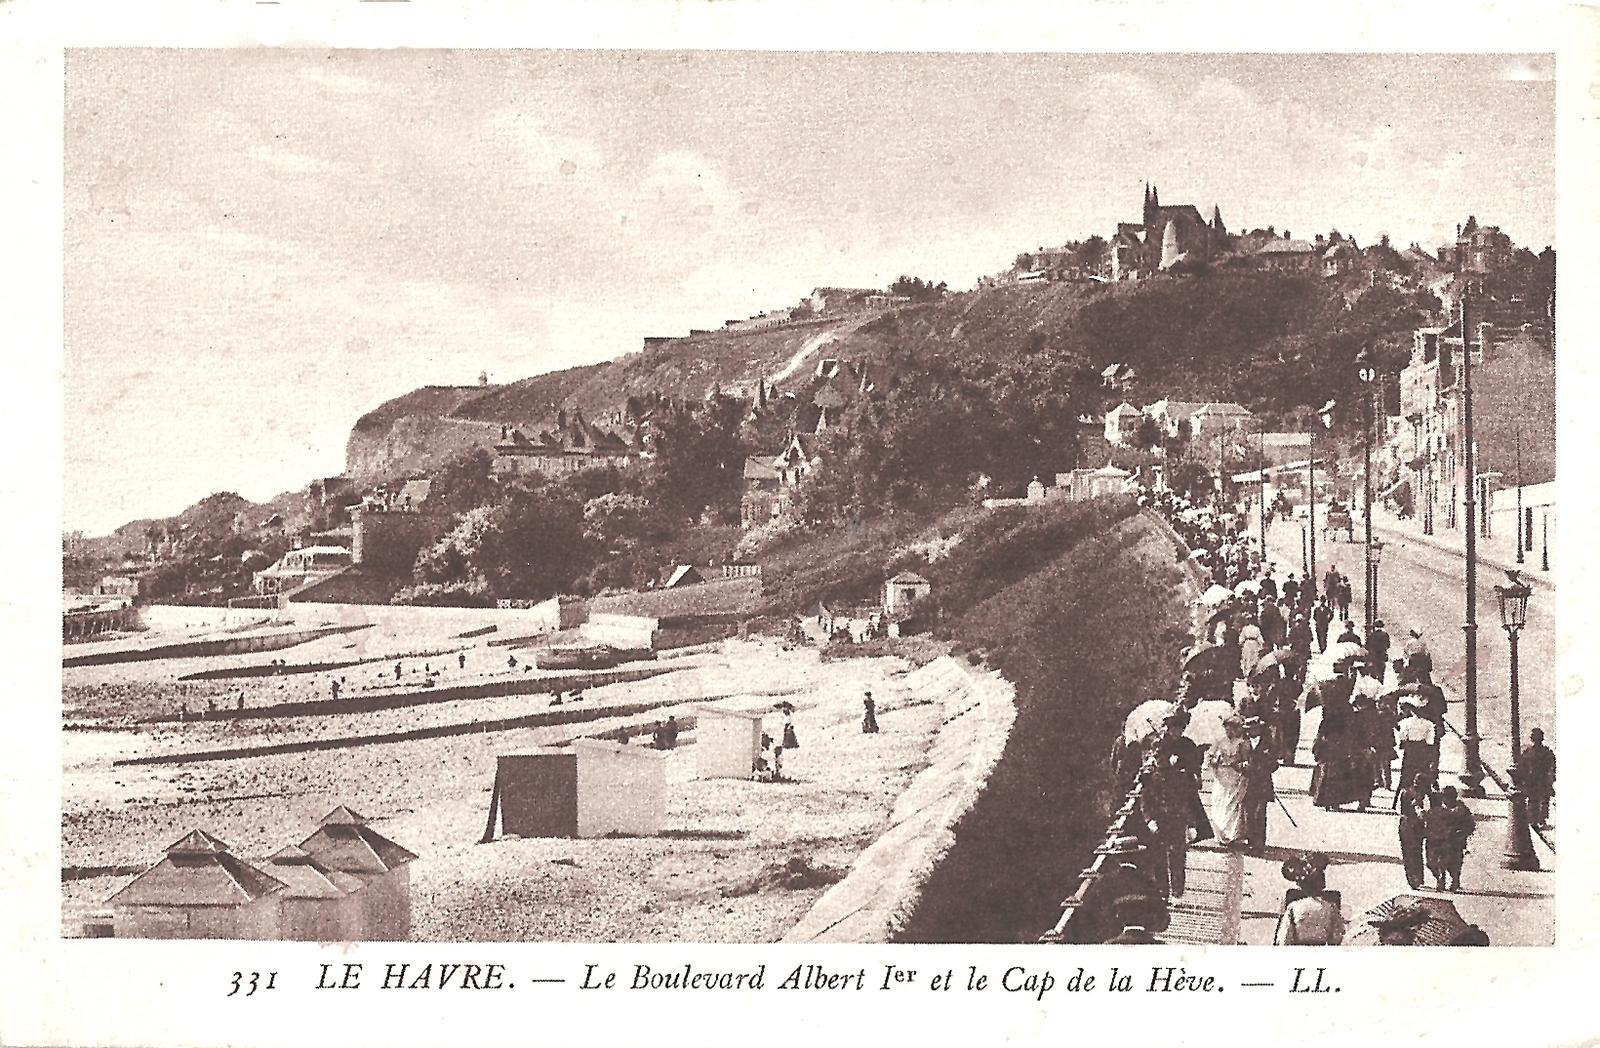 Le Havre - Le Boulevard Albert 1er et le Cap de la Hève